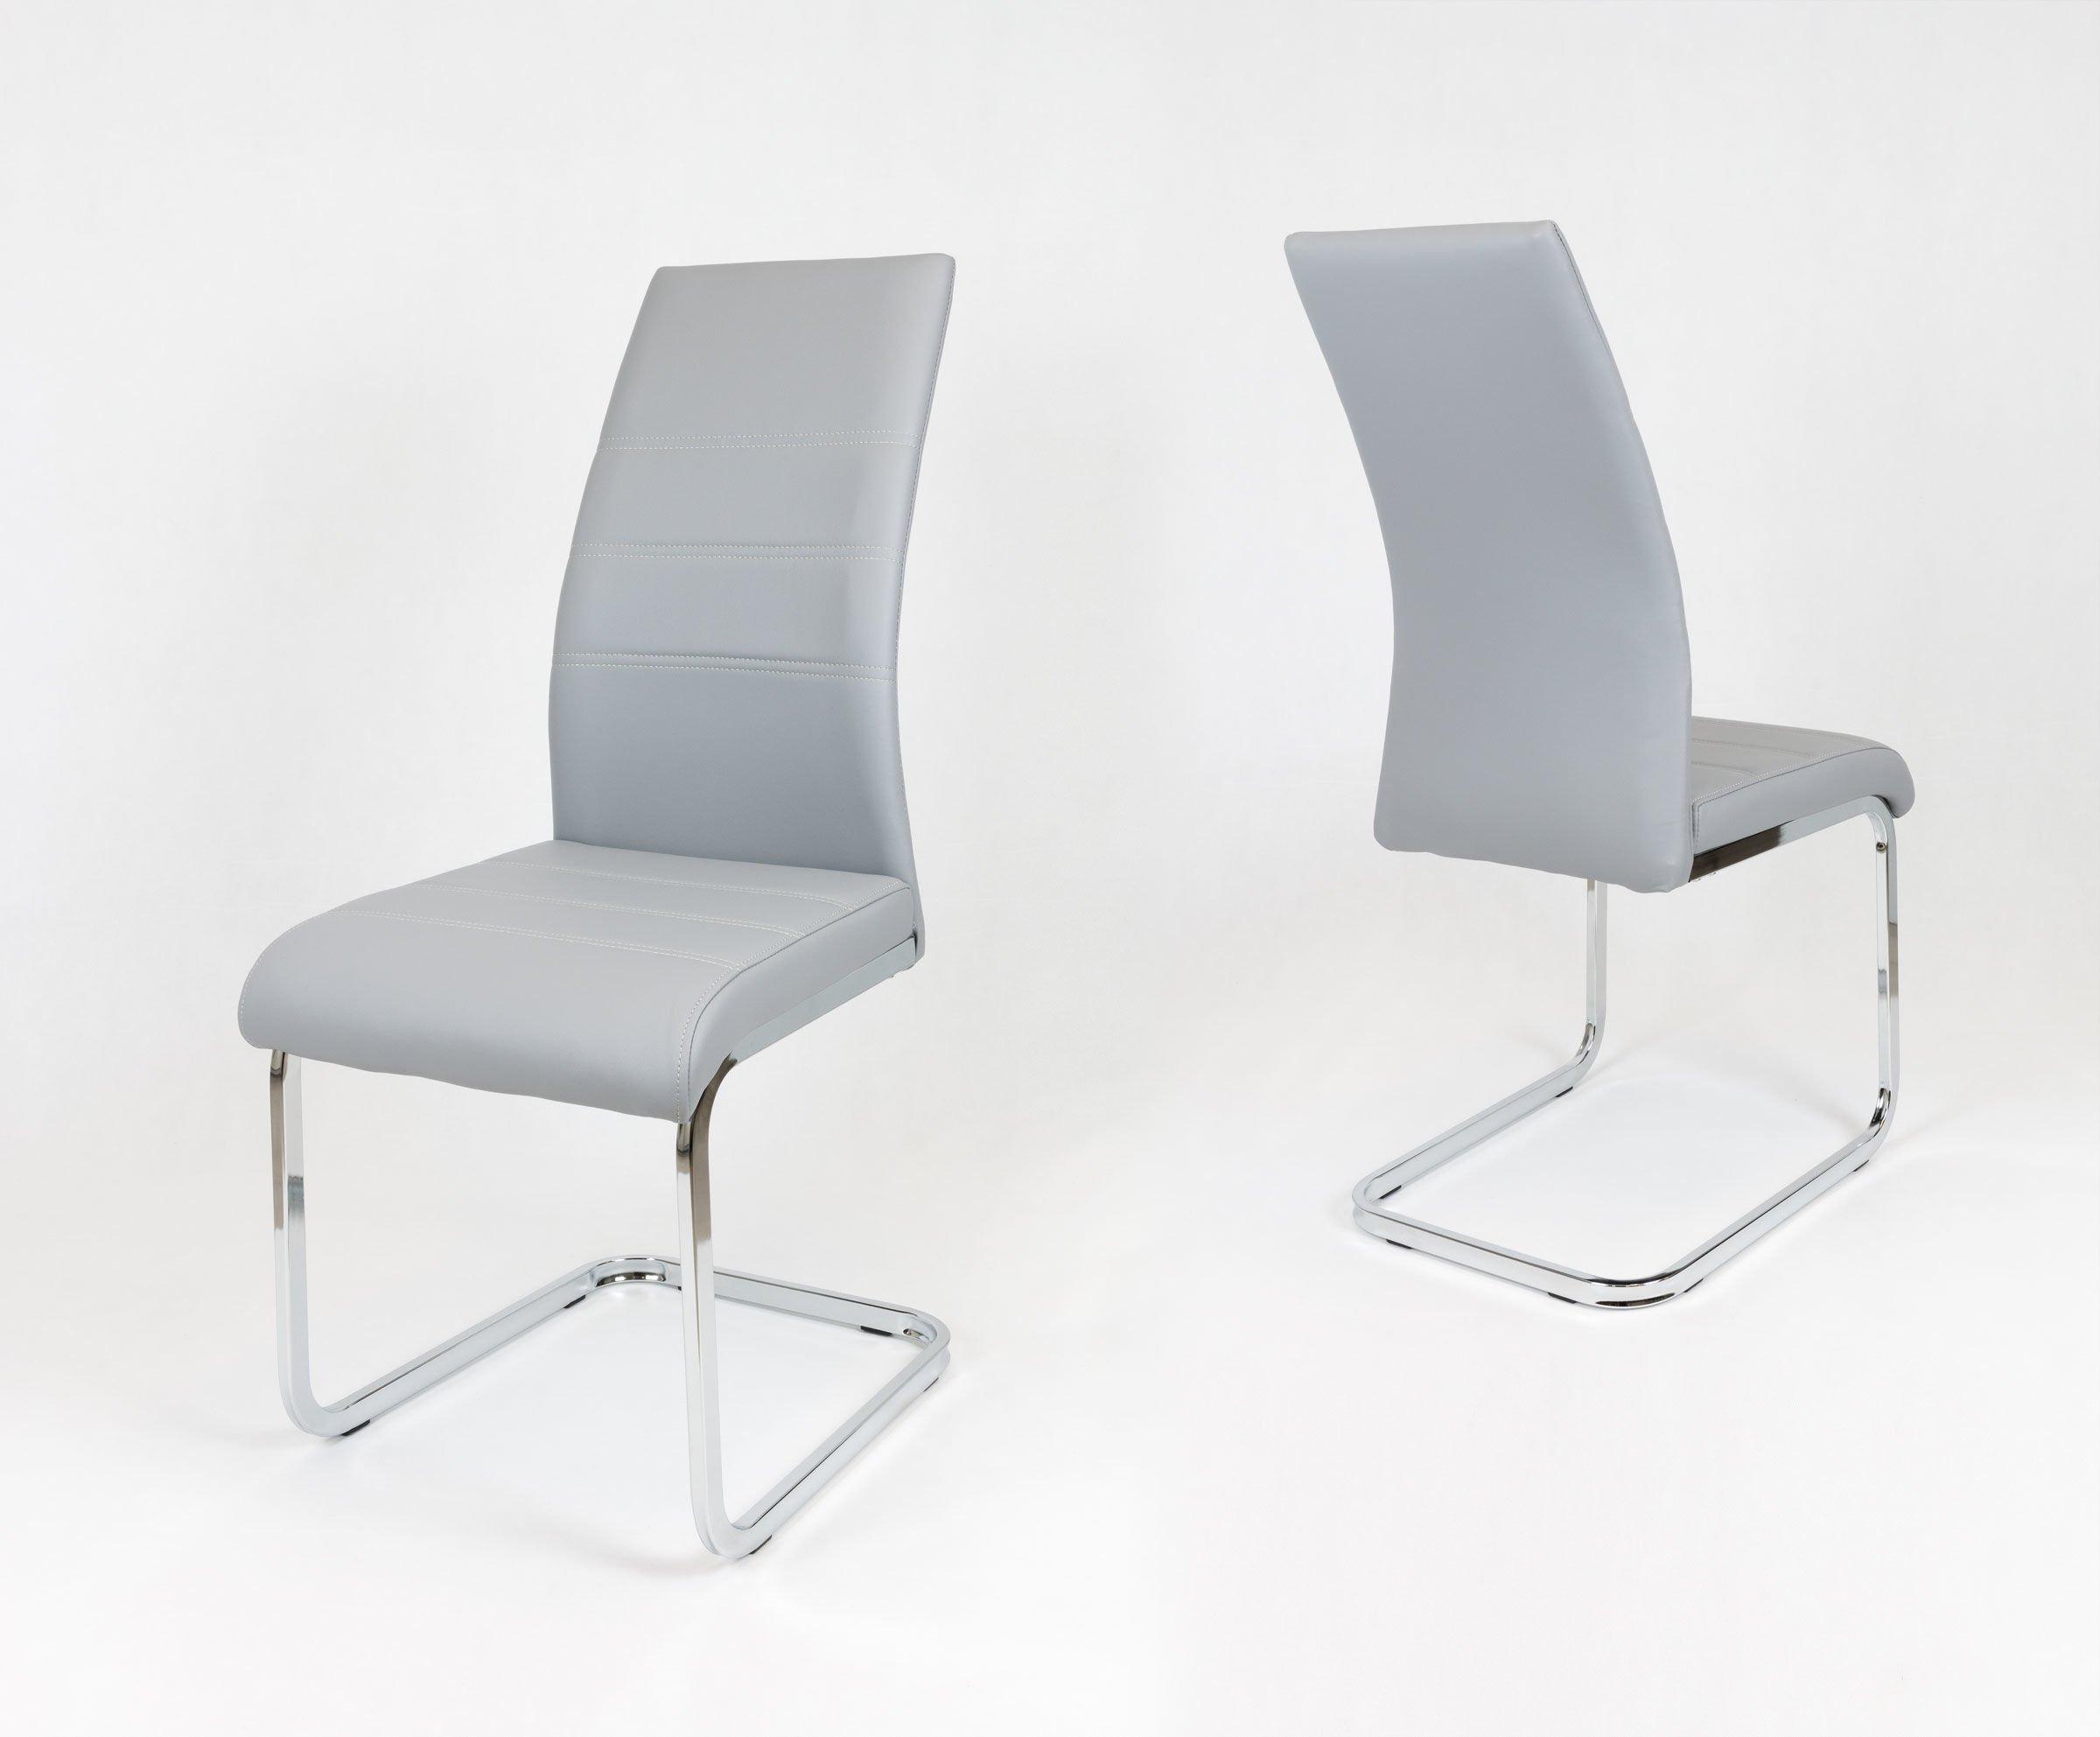 Sk design ks031 grau kunsleder stuhl mit chromgestell grau for 1001 stuhl design